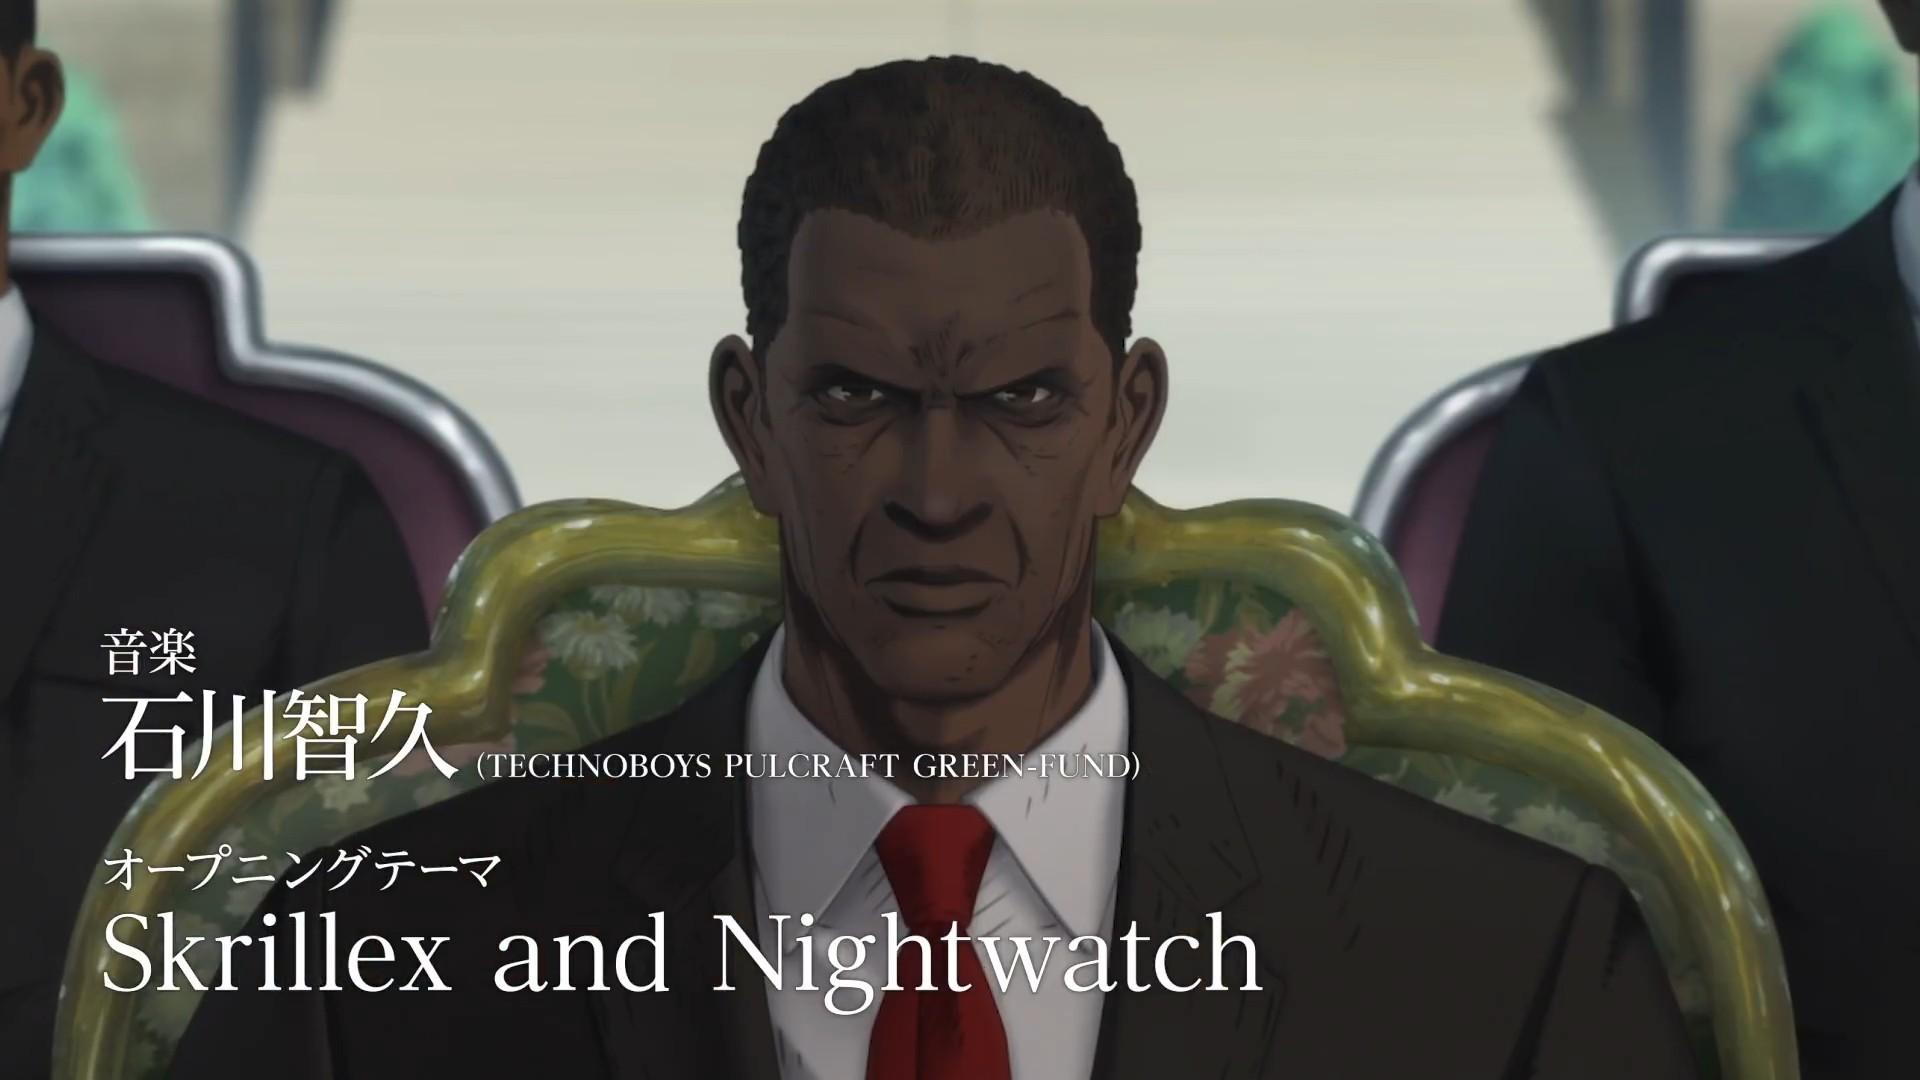 【动漫情报】虚渊玄动画《OBSOLETE》第二部分预告和视觉图公开,12月1日开播